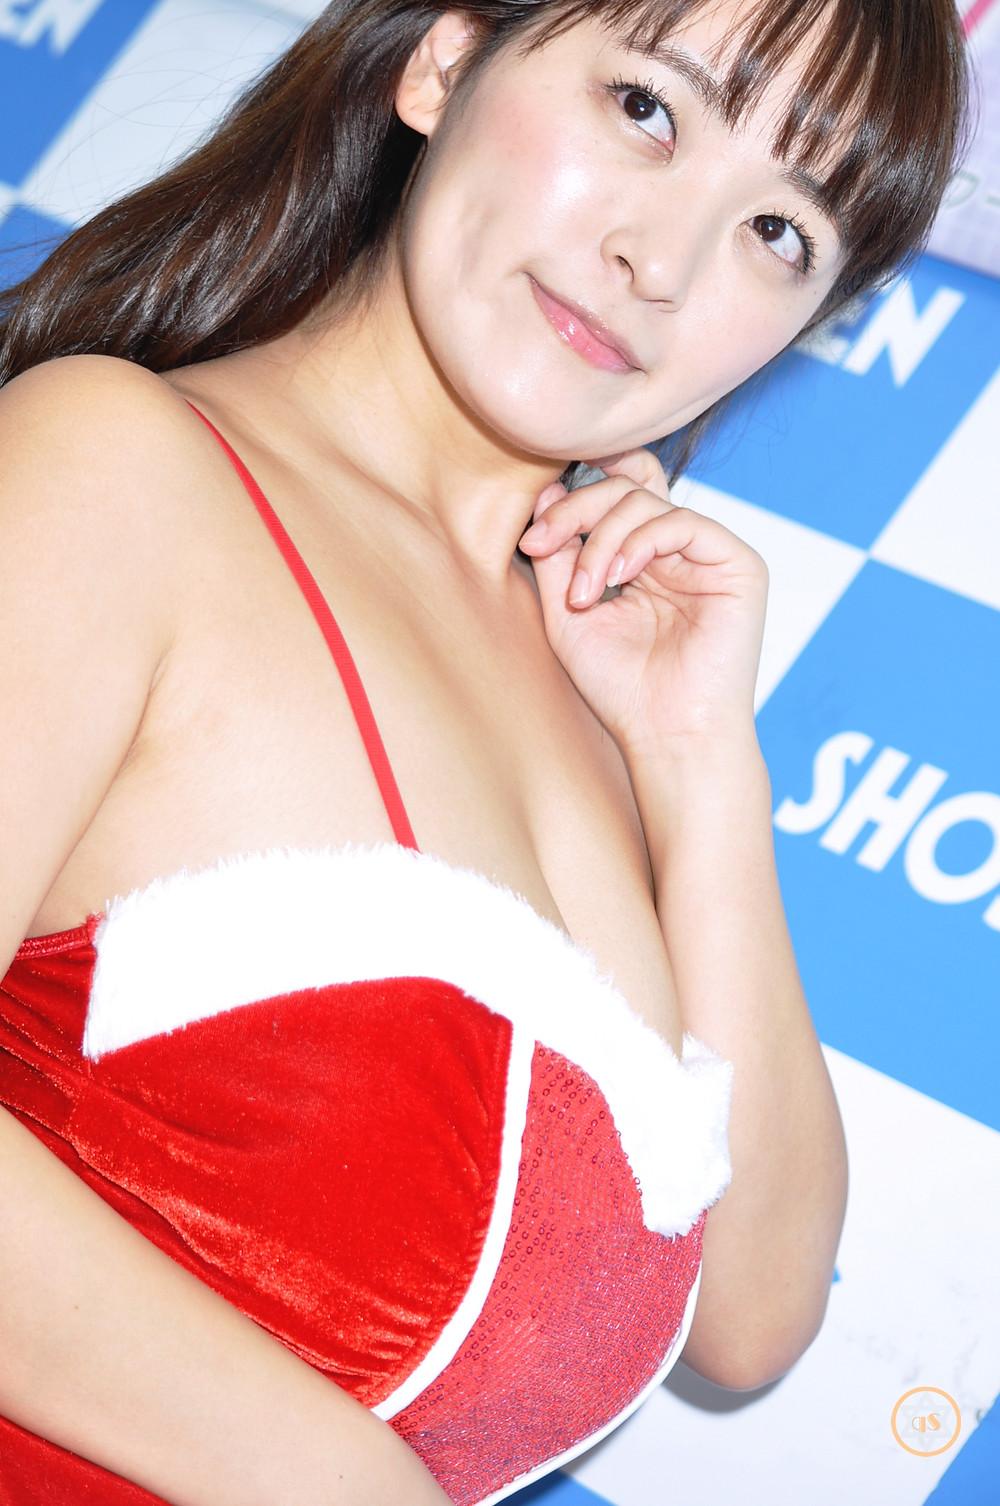 超爆乳グラビアアイドル柳瀬早紀『2018年カレンダー/㈱ハゴロモ』発売記念イベント (1)